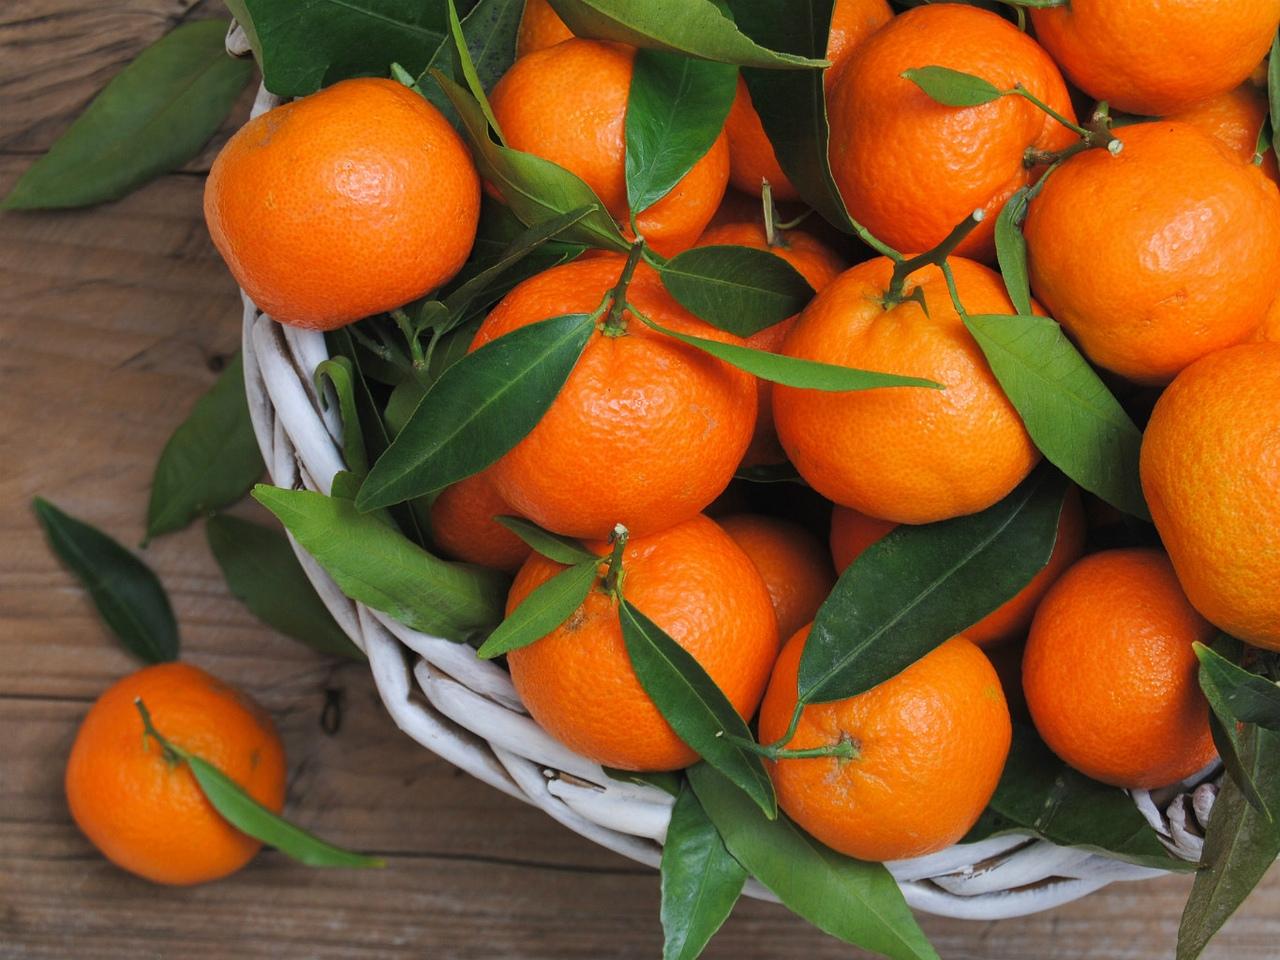 Мандарины при диабете и не только: польза мандаринов для здоровья